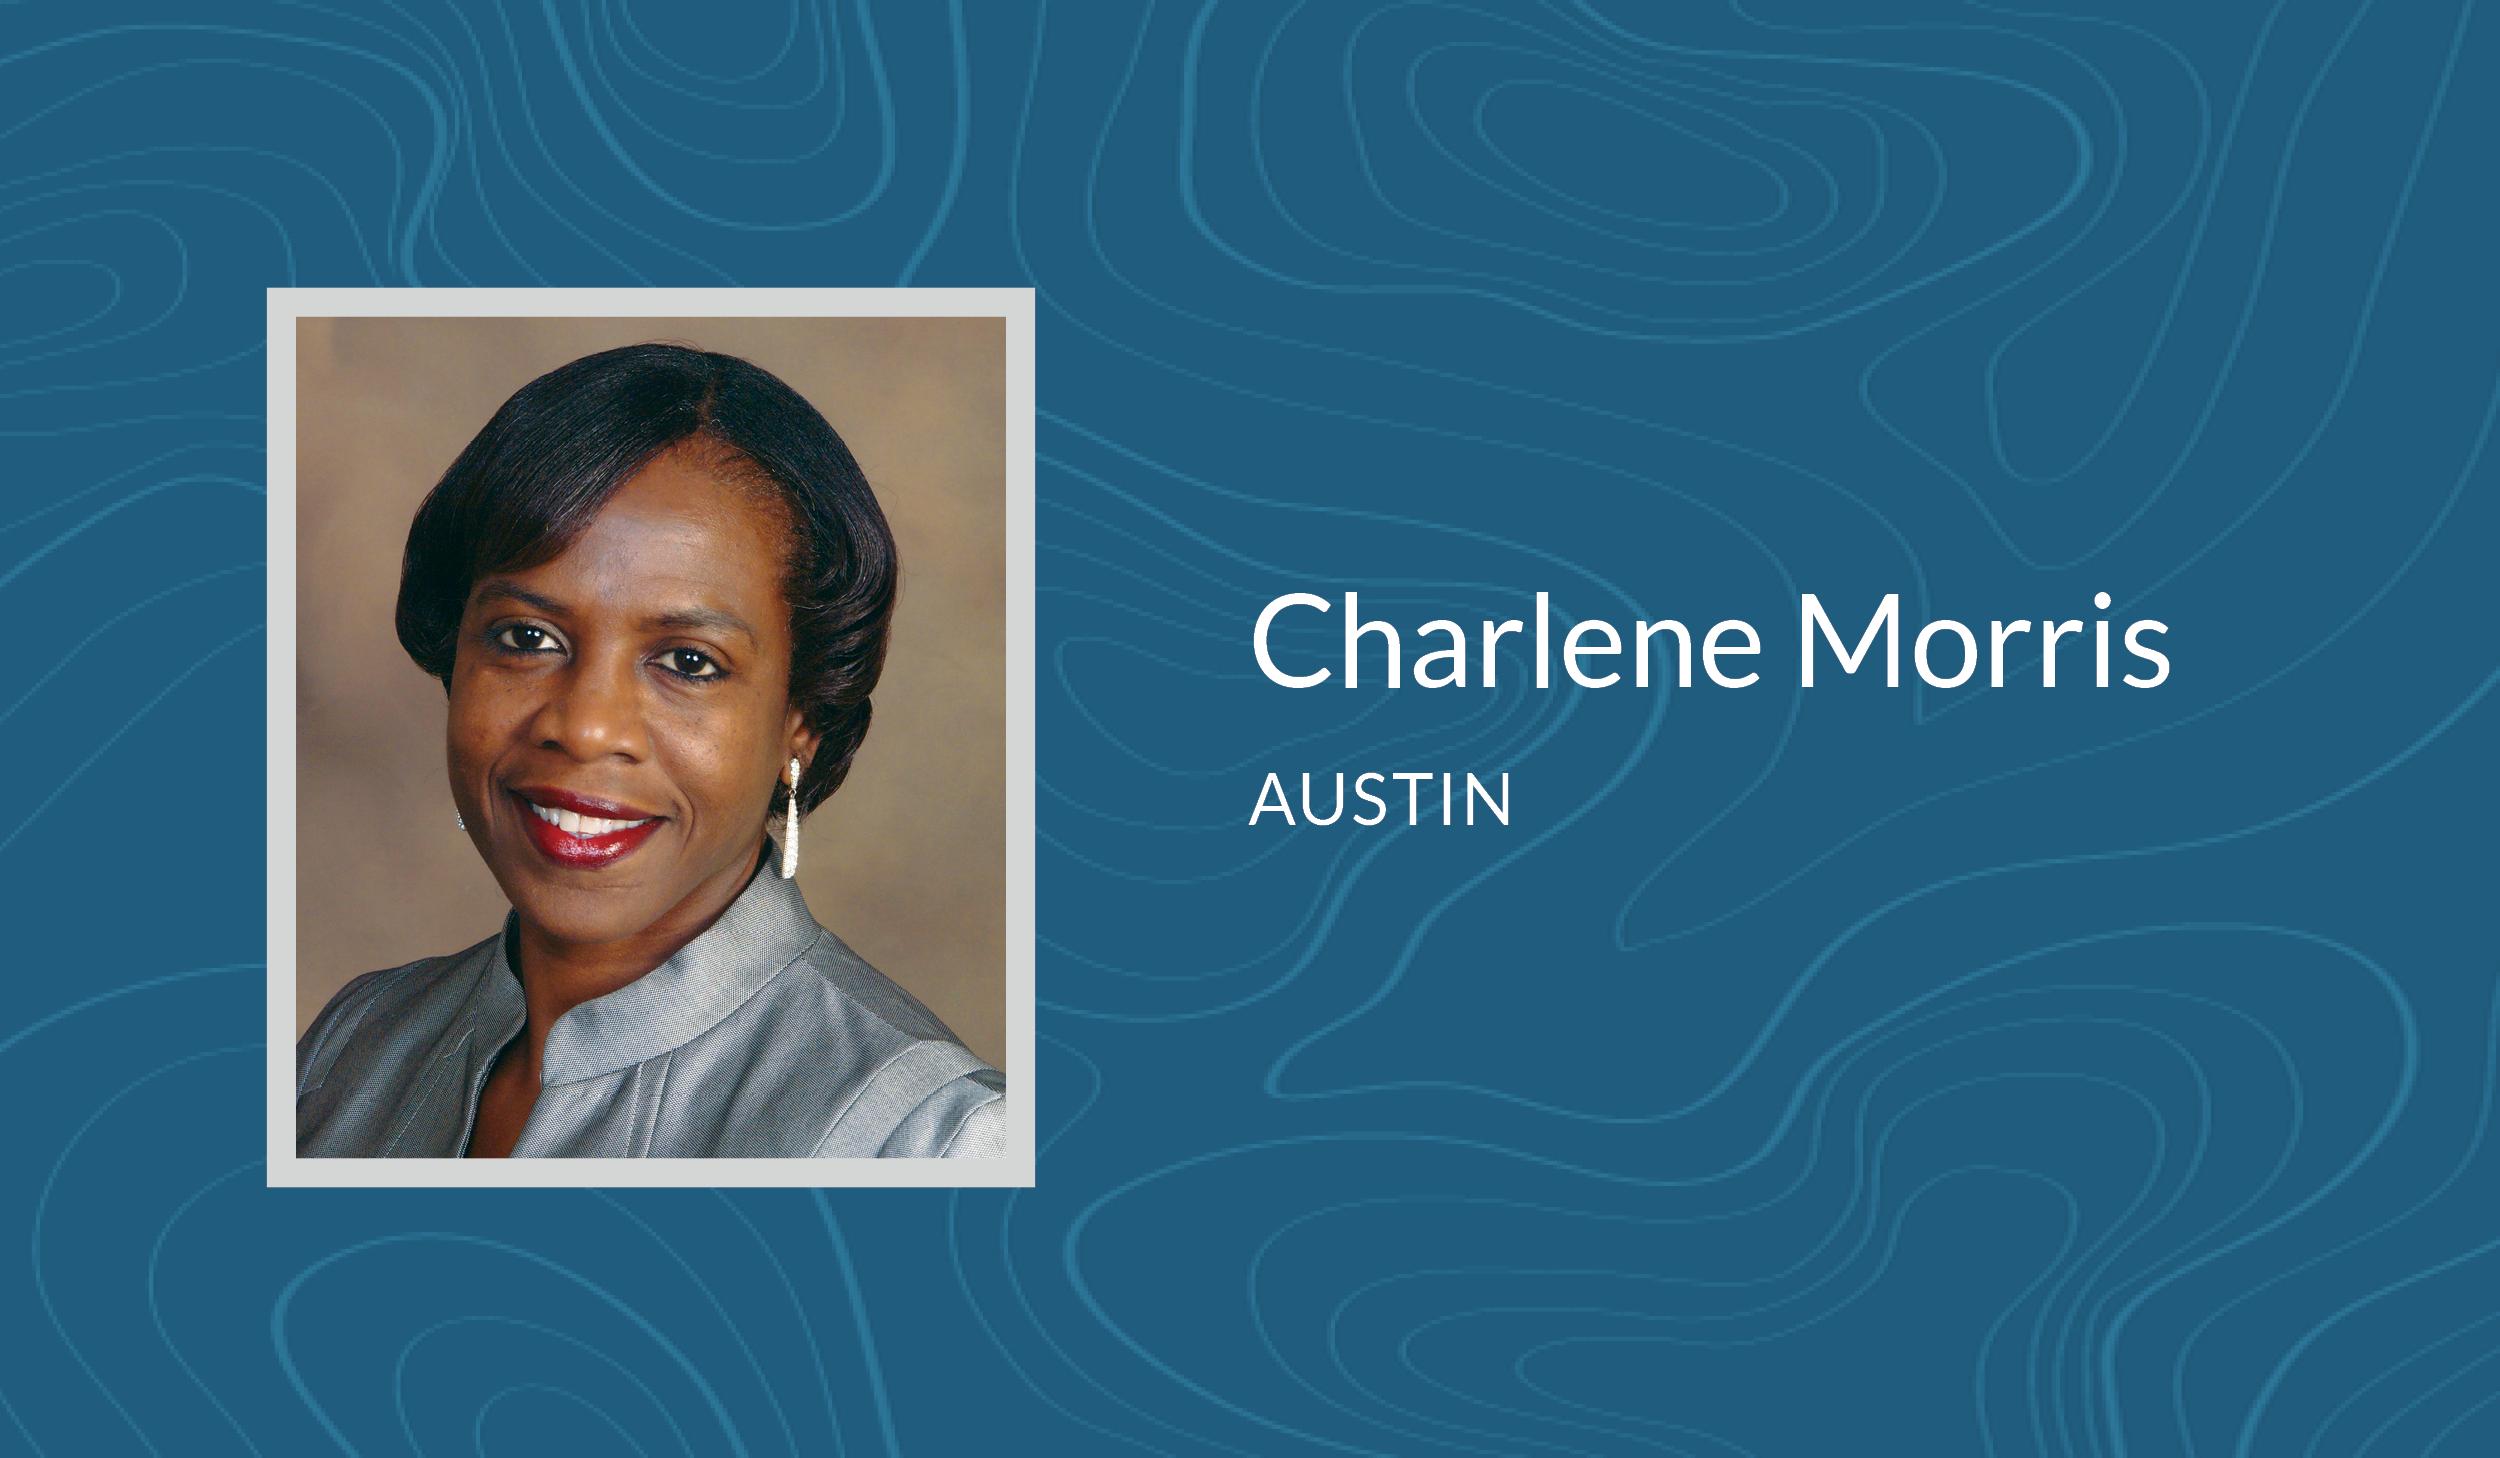 Charlene Morris Landing Page Headers.png